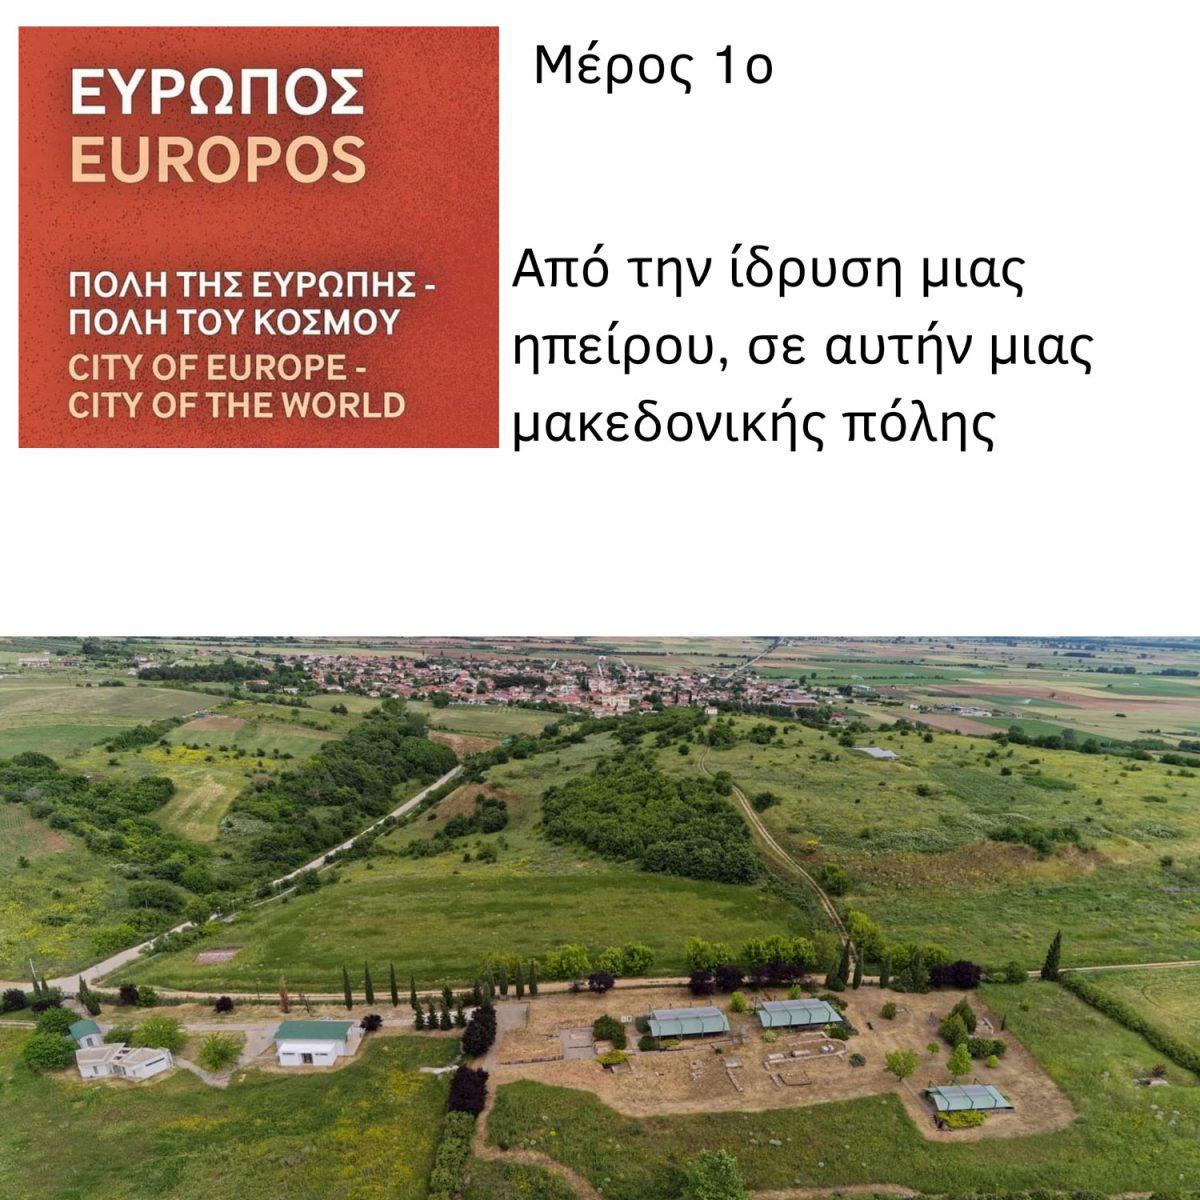 Εισαγωγή στην ιστορία της αρχαίας Ευρωπού